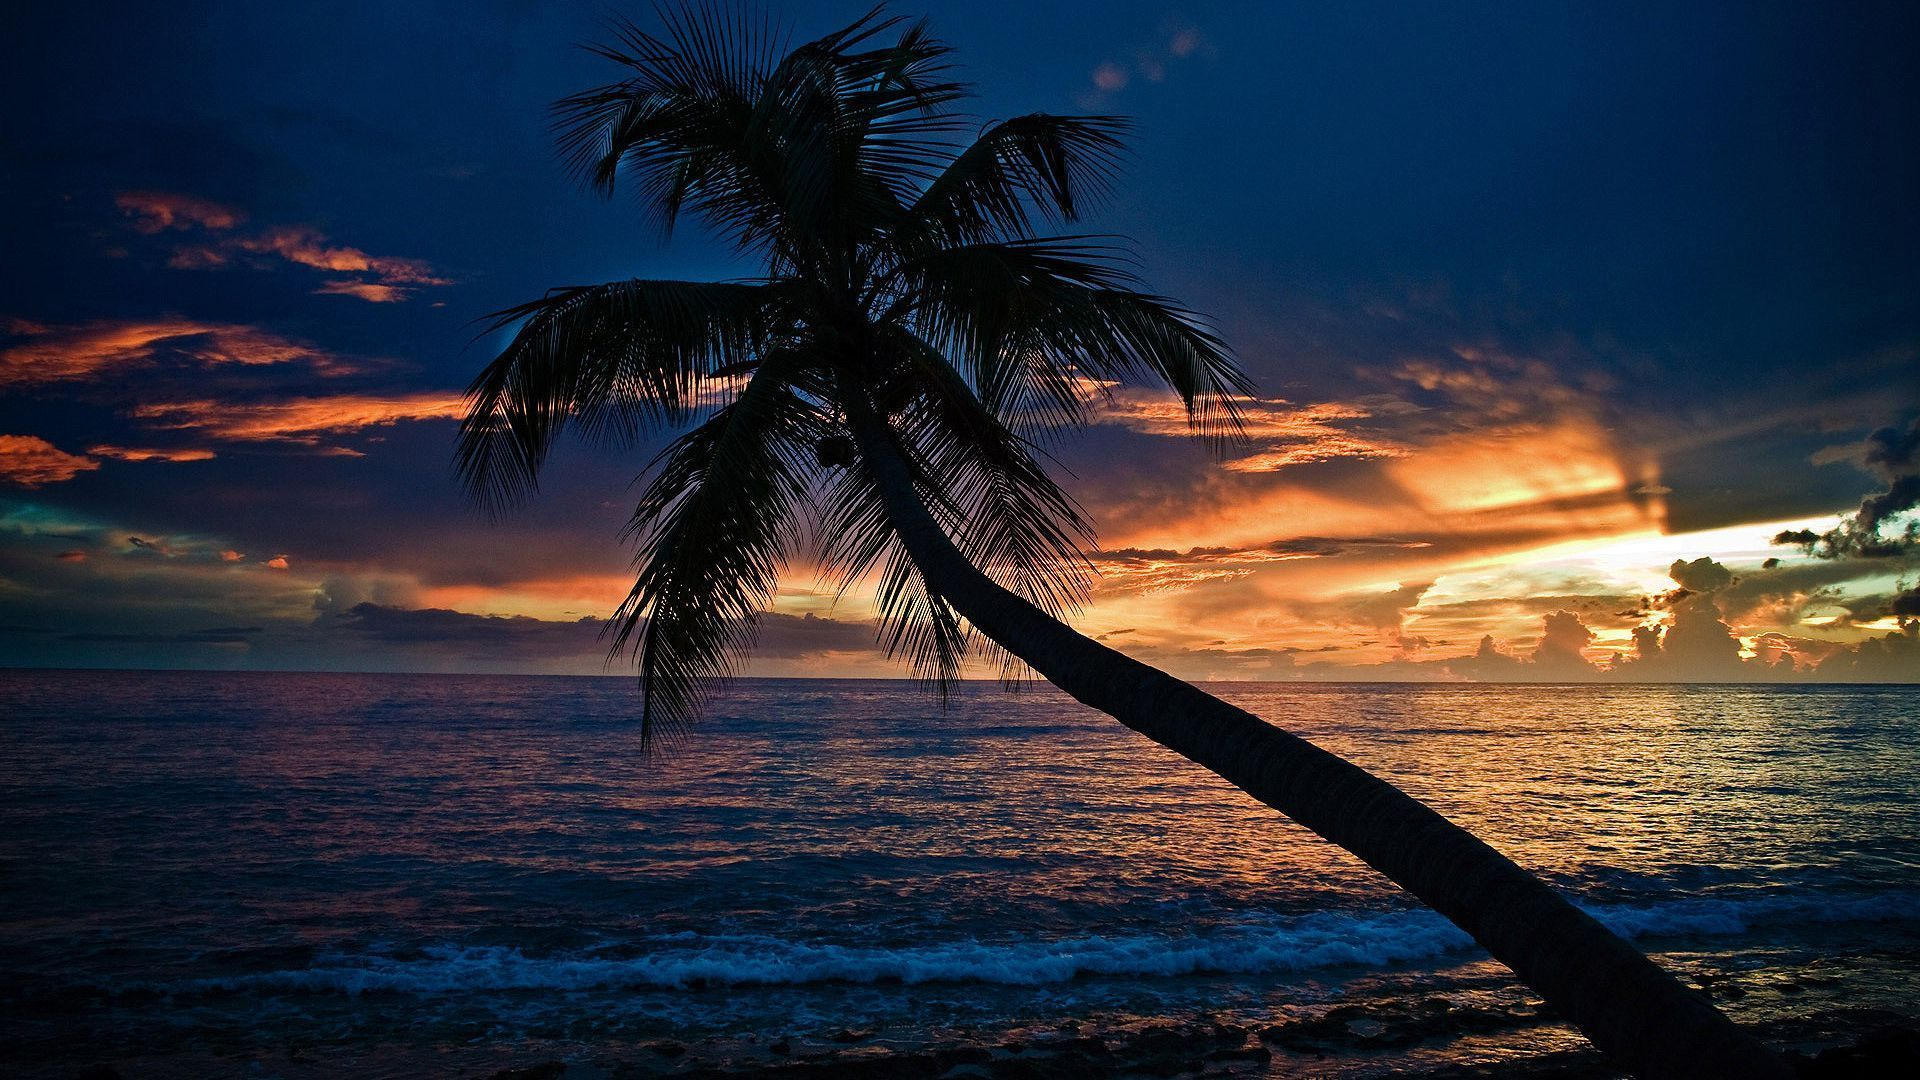 Delightful Nature Beach Wwallpaper: Night Beach Wallpaper Desktop #meZ